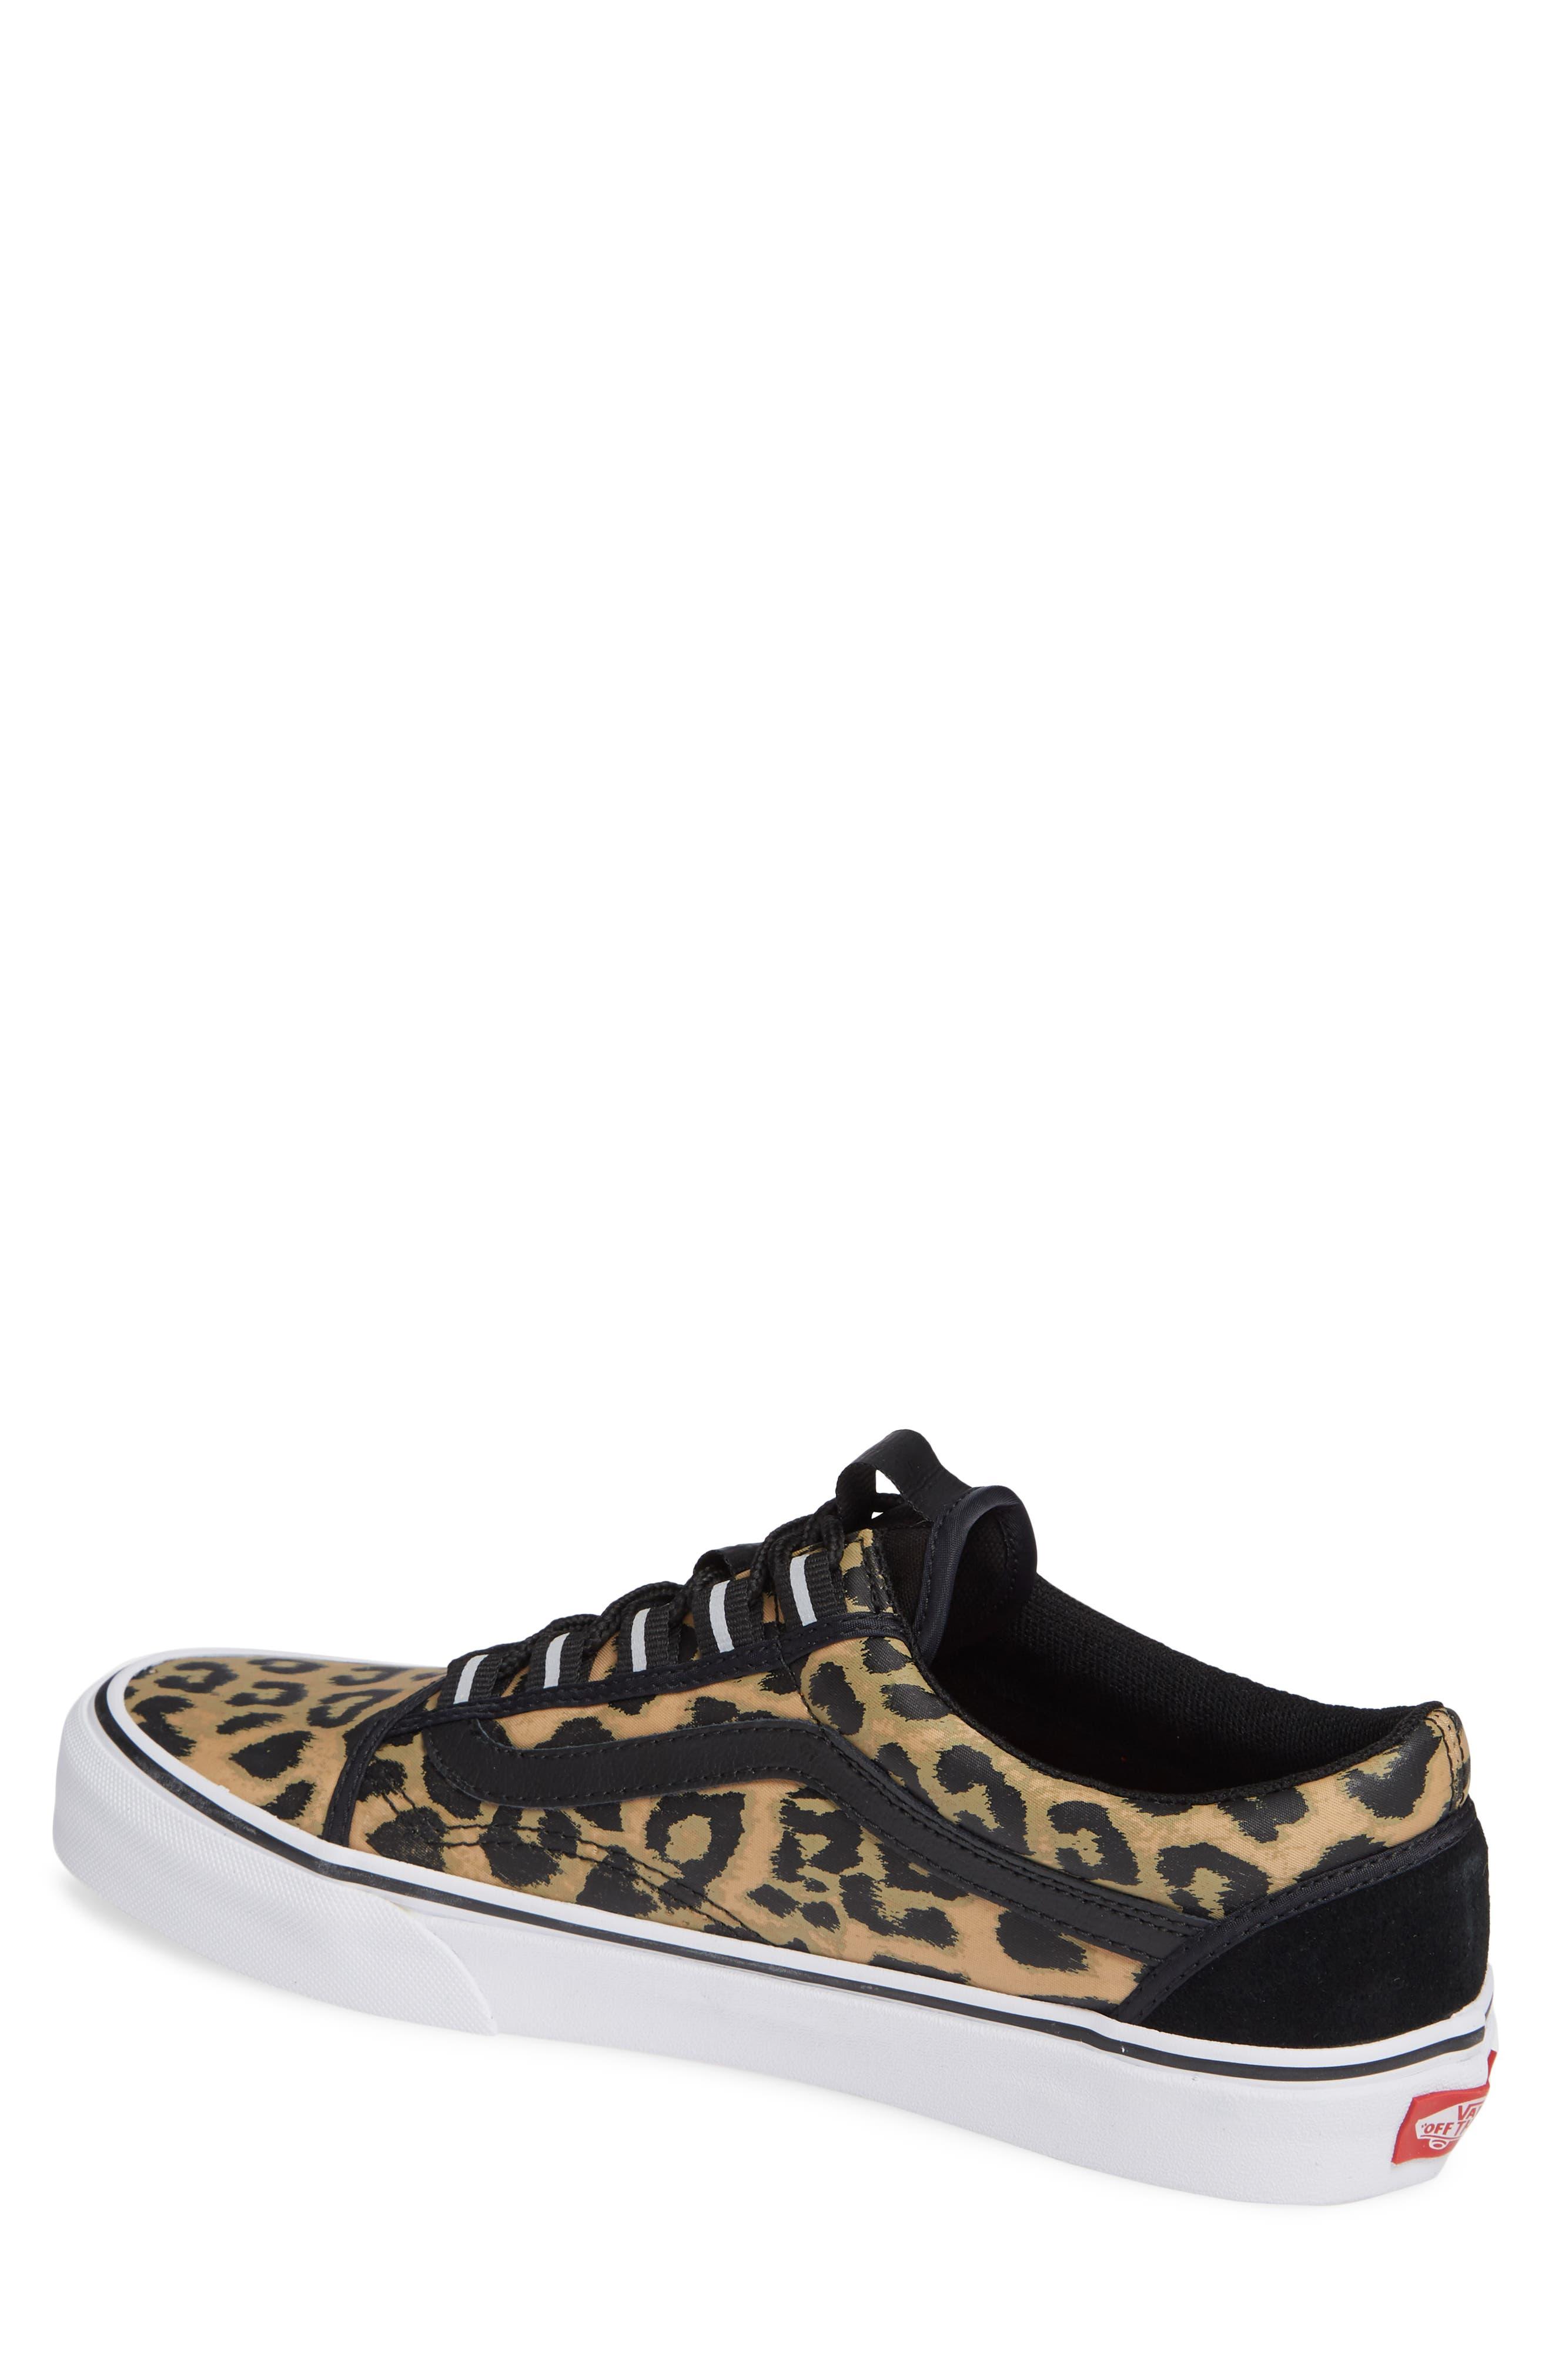 Old Skool Ghillie Sneaker,                             Alternate thumbnail 2, color,                             BLACK NYLON/ LEOPARD NYLON